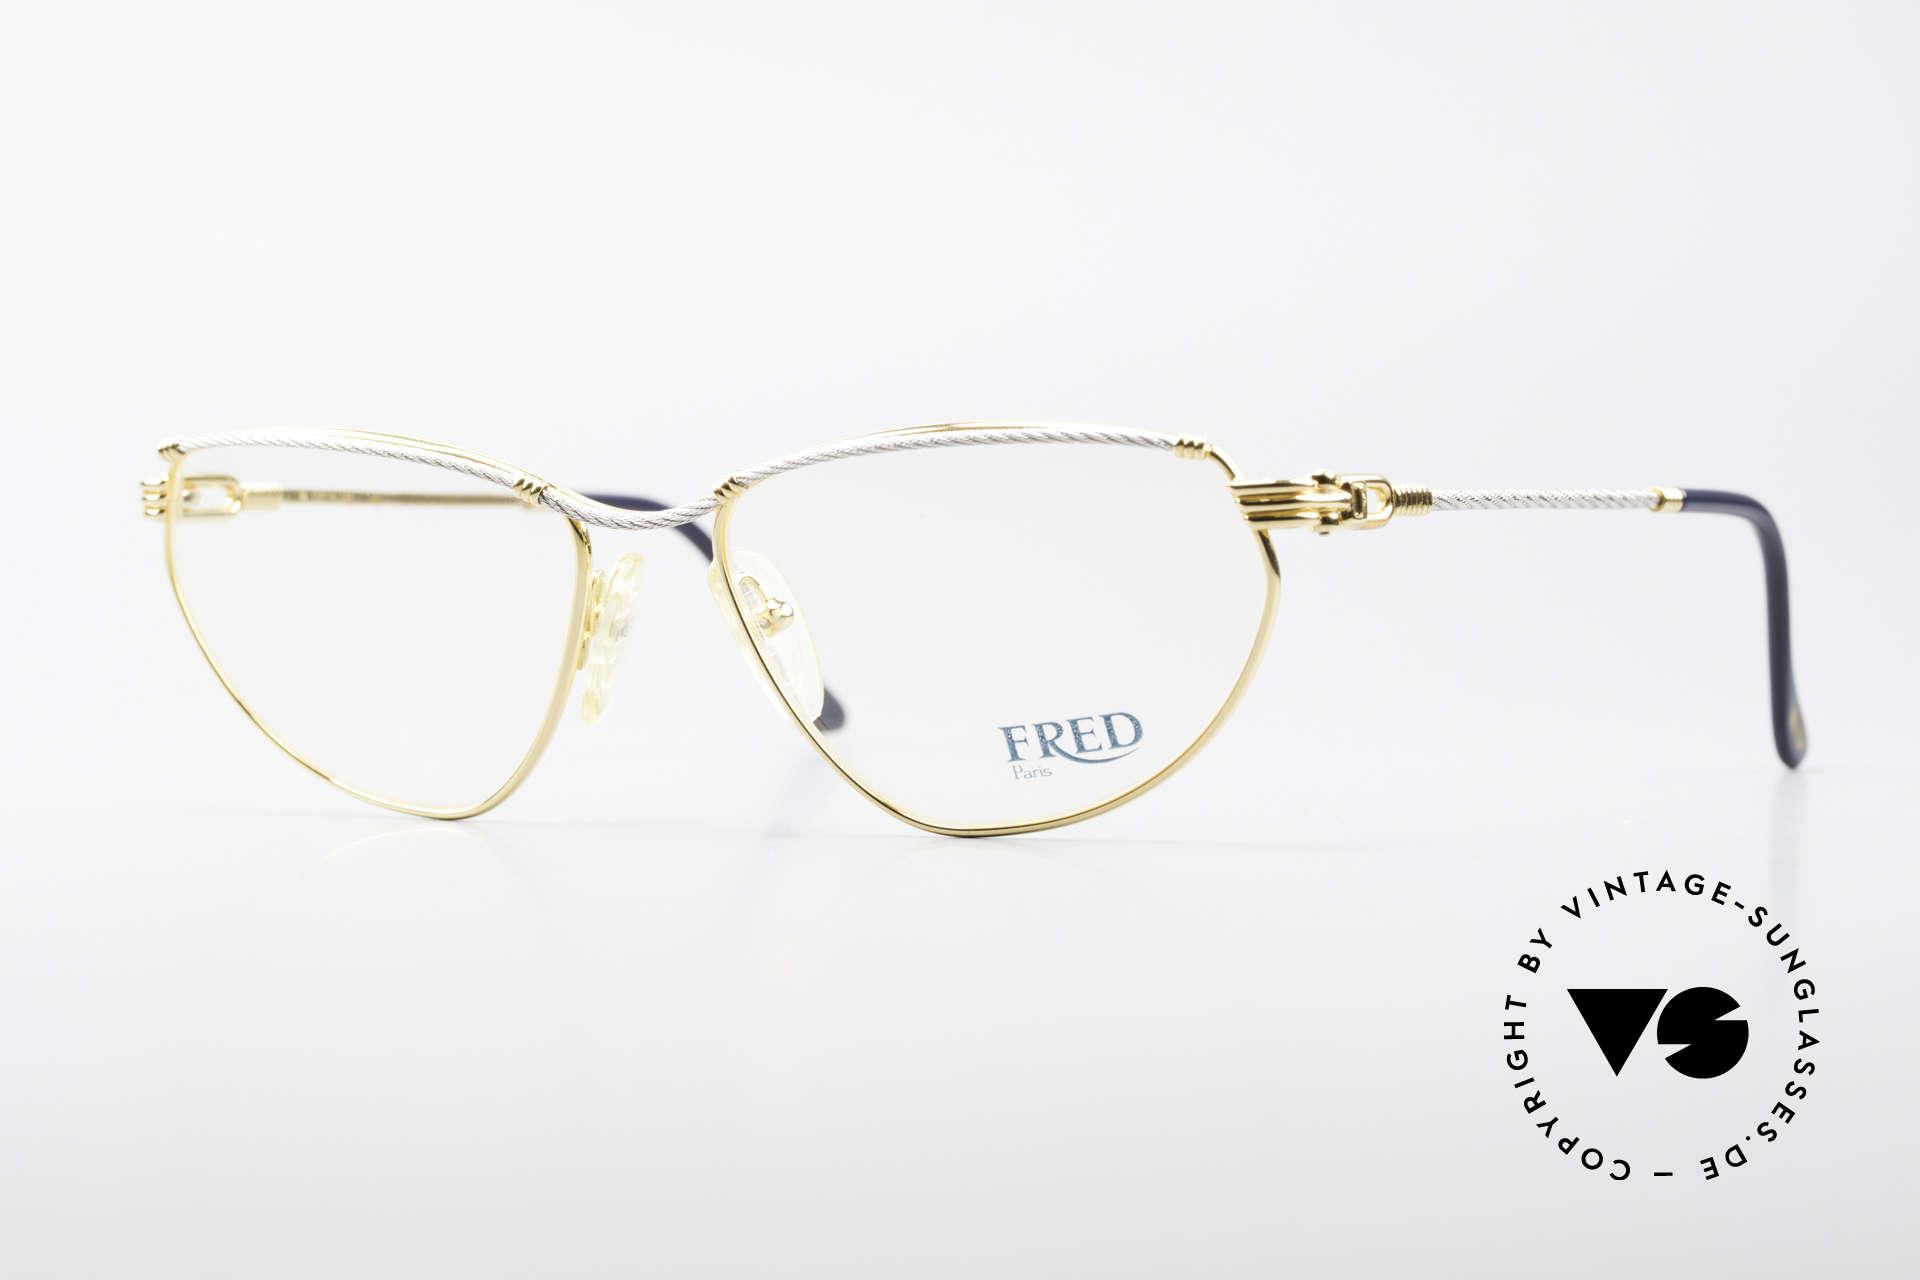 Fred Alize Luxus M Brillenfassung Damen, Luxus-Brillenfassung von FRED, Paris aus den 80ern, Passend für Damen